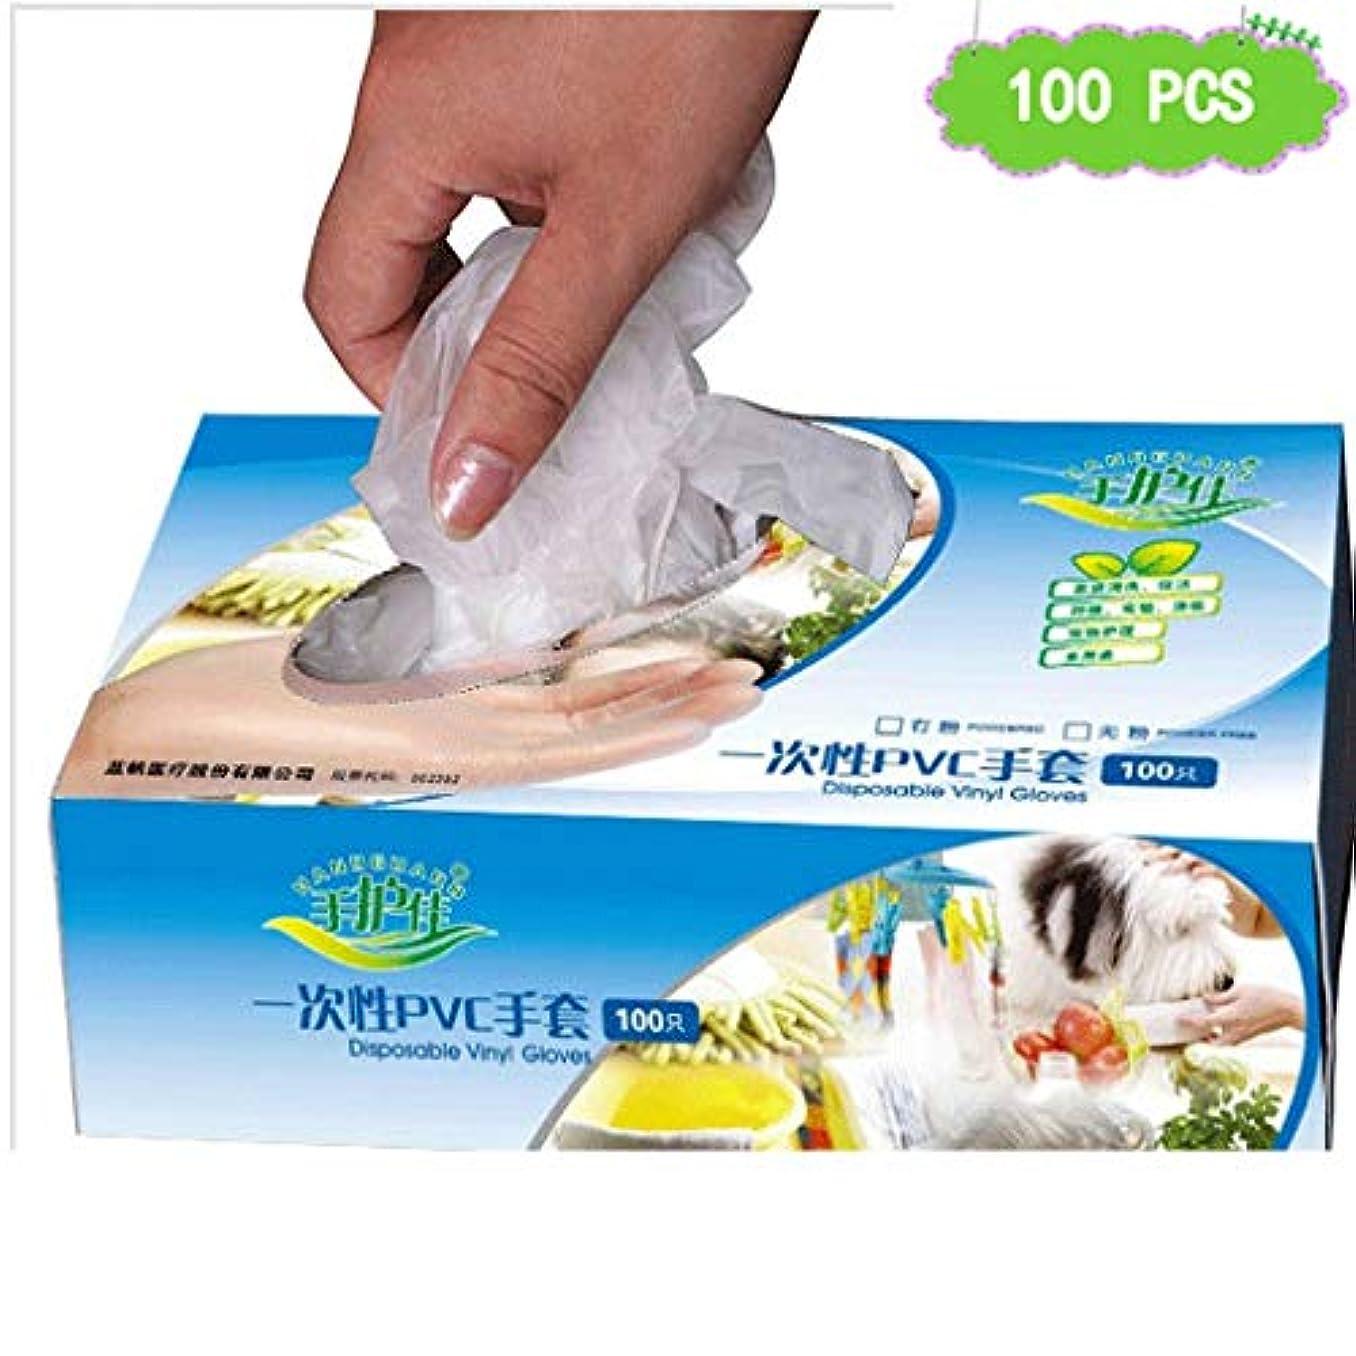 レギュラー後継自治ビニール試験使い捨て手袋ゴム研究所労働保険PVC手袋検査保護実験、ビューティーサロンラテックスフリー、パウダーフリー、両手利き、100個 (Size : M)